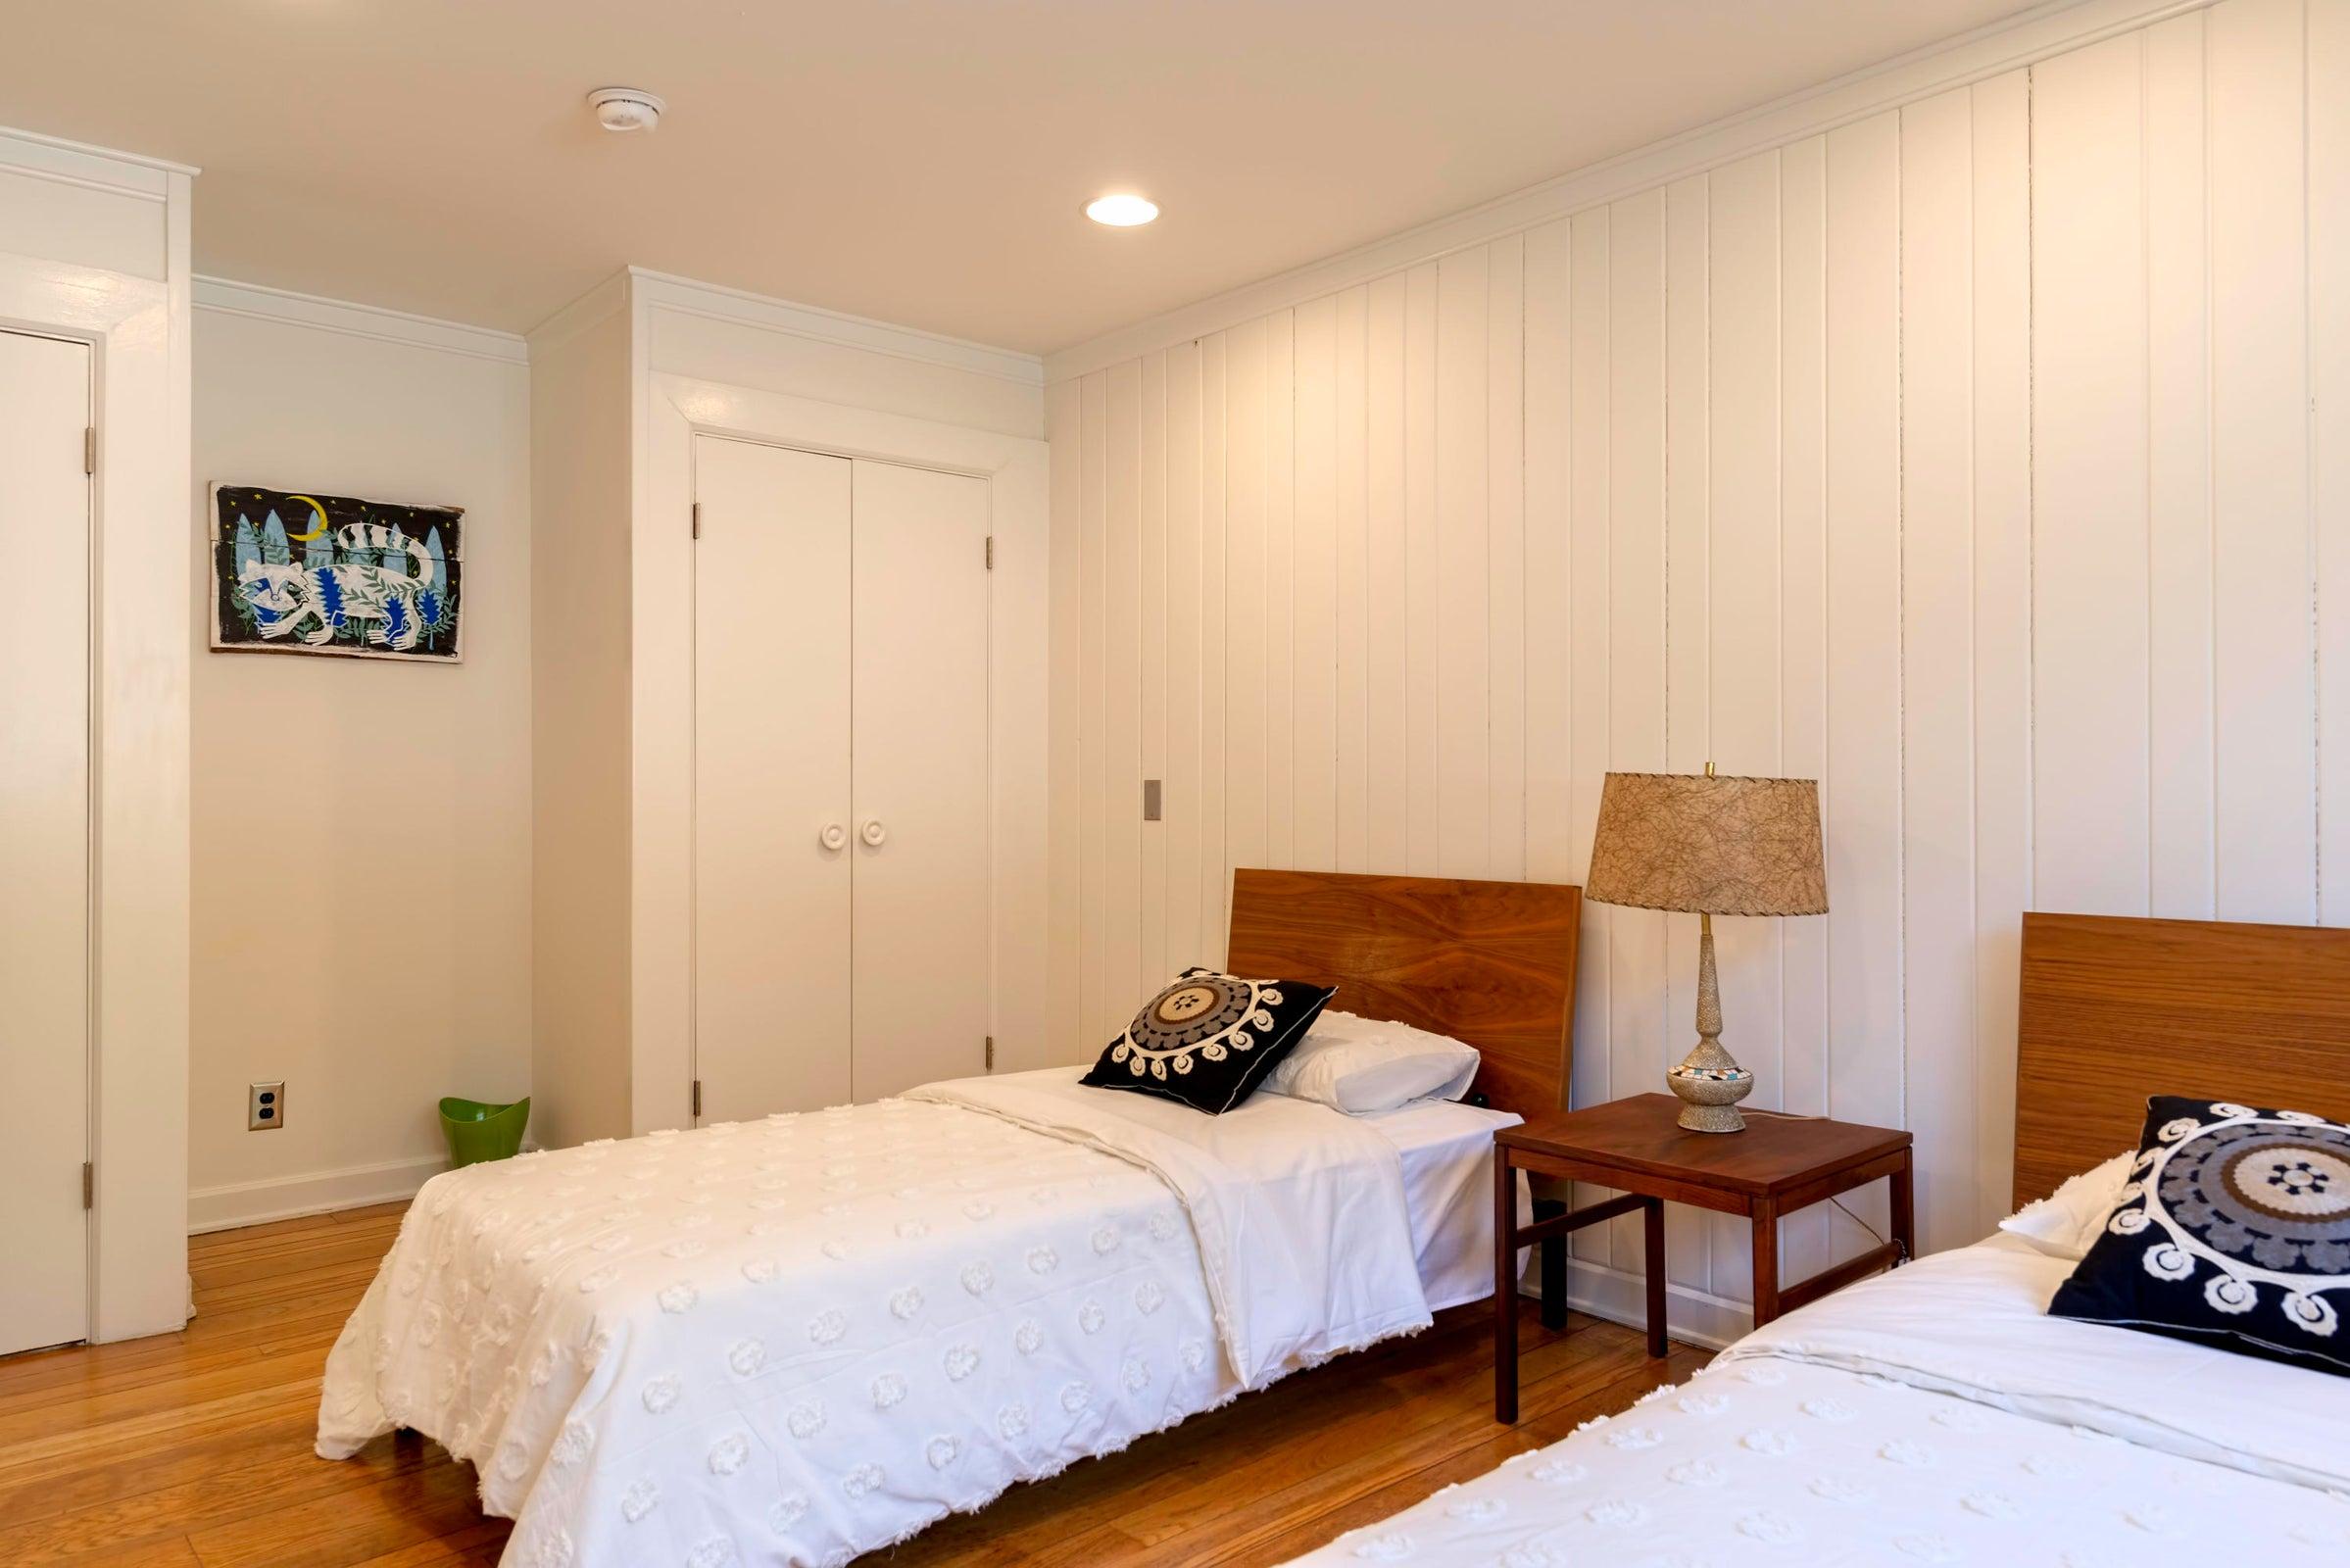 DSC_2009 - Bedroom 2